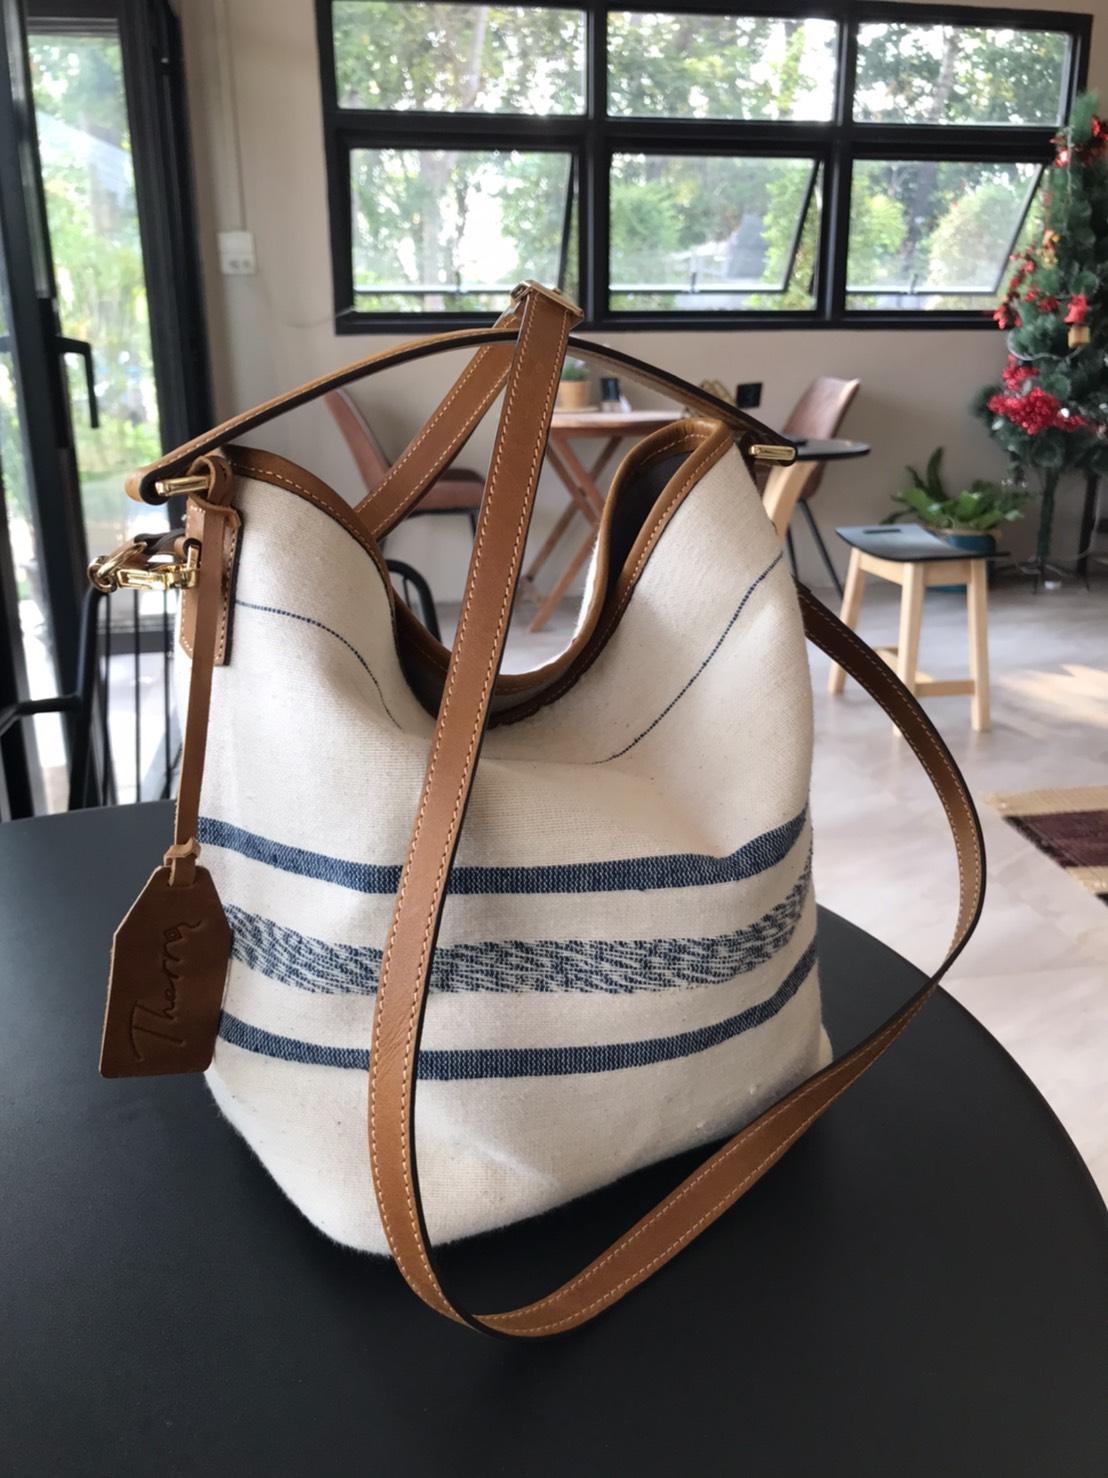 'Markmai' bag